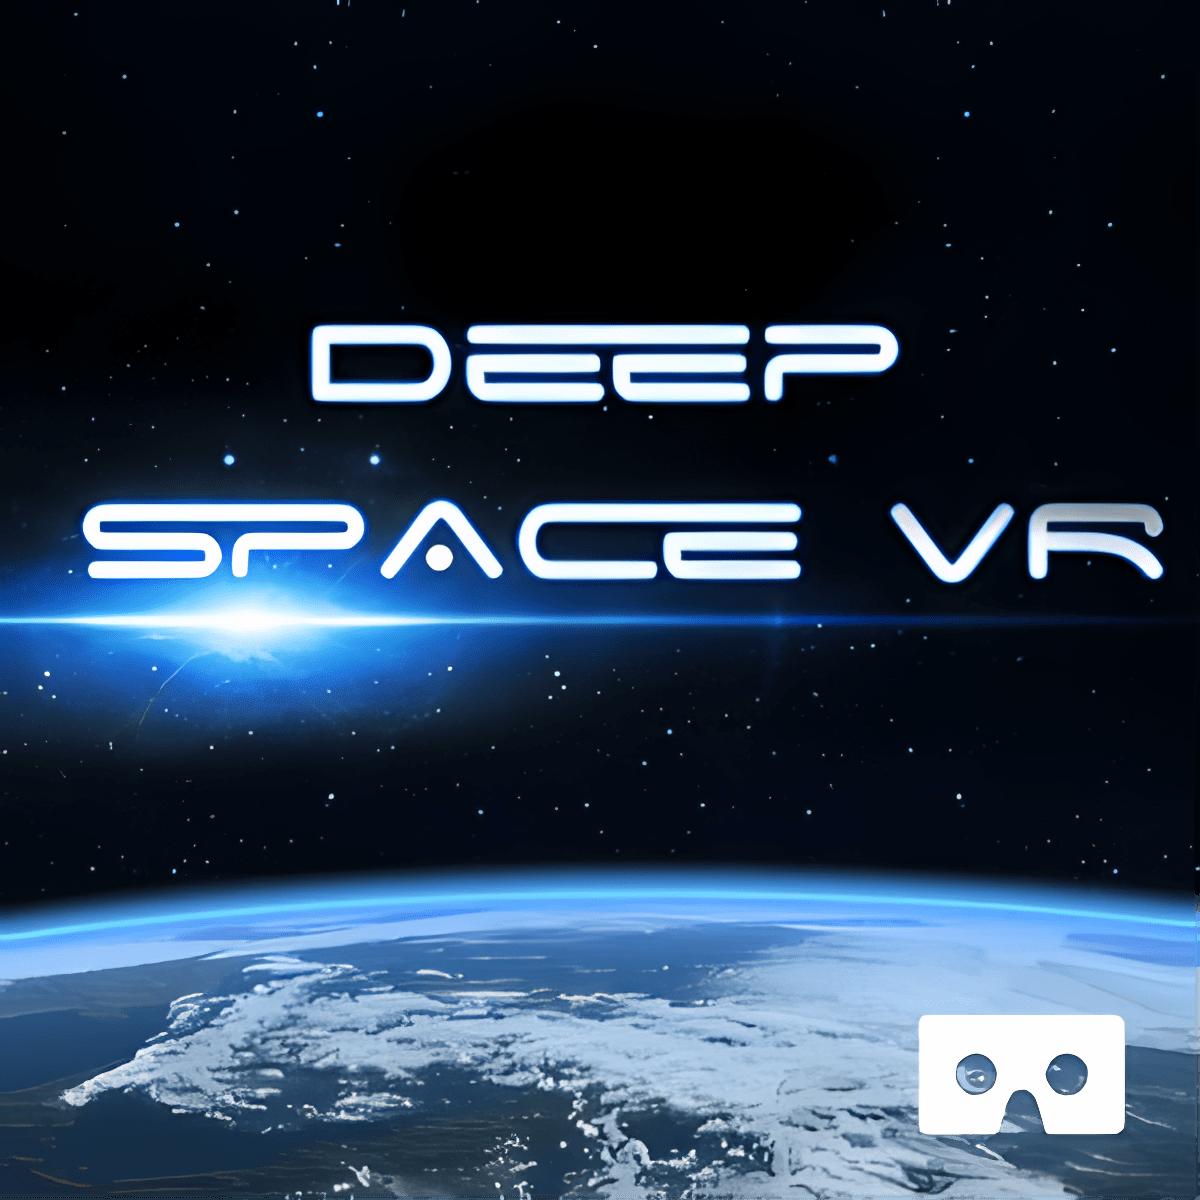 Deep Space VR